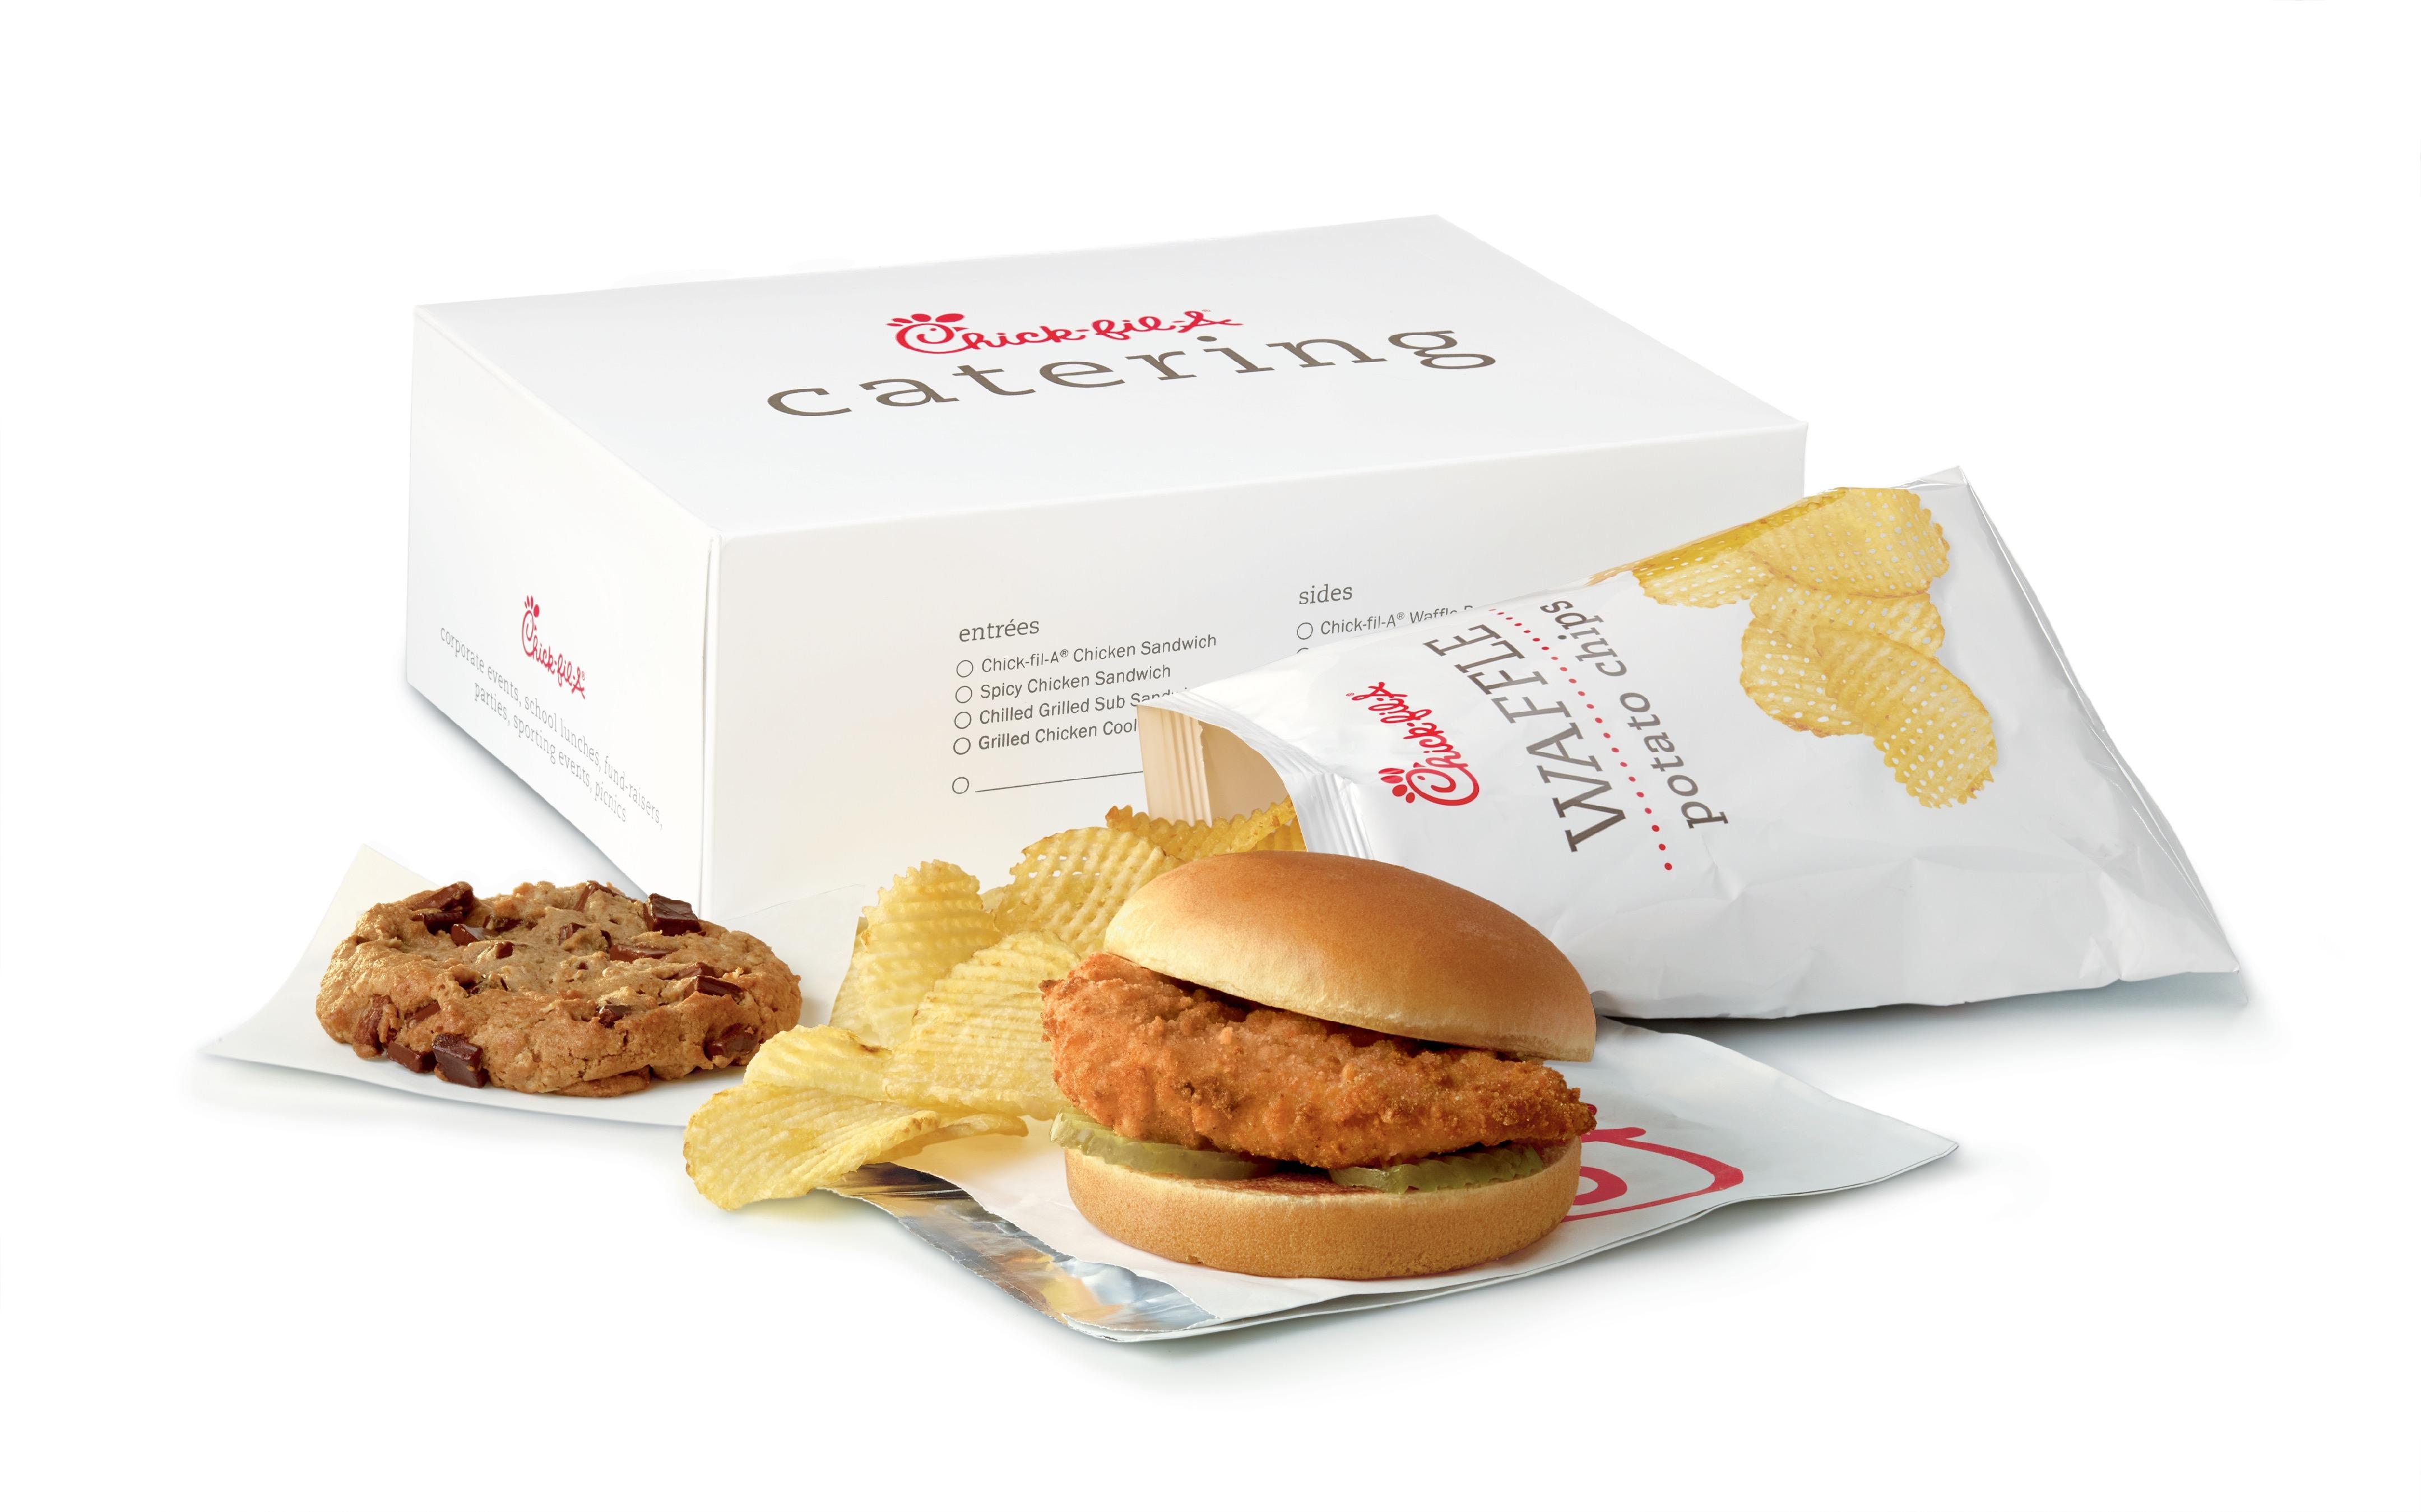 Chic-fil-A Chicken Sandwich, Chips, Cookie